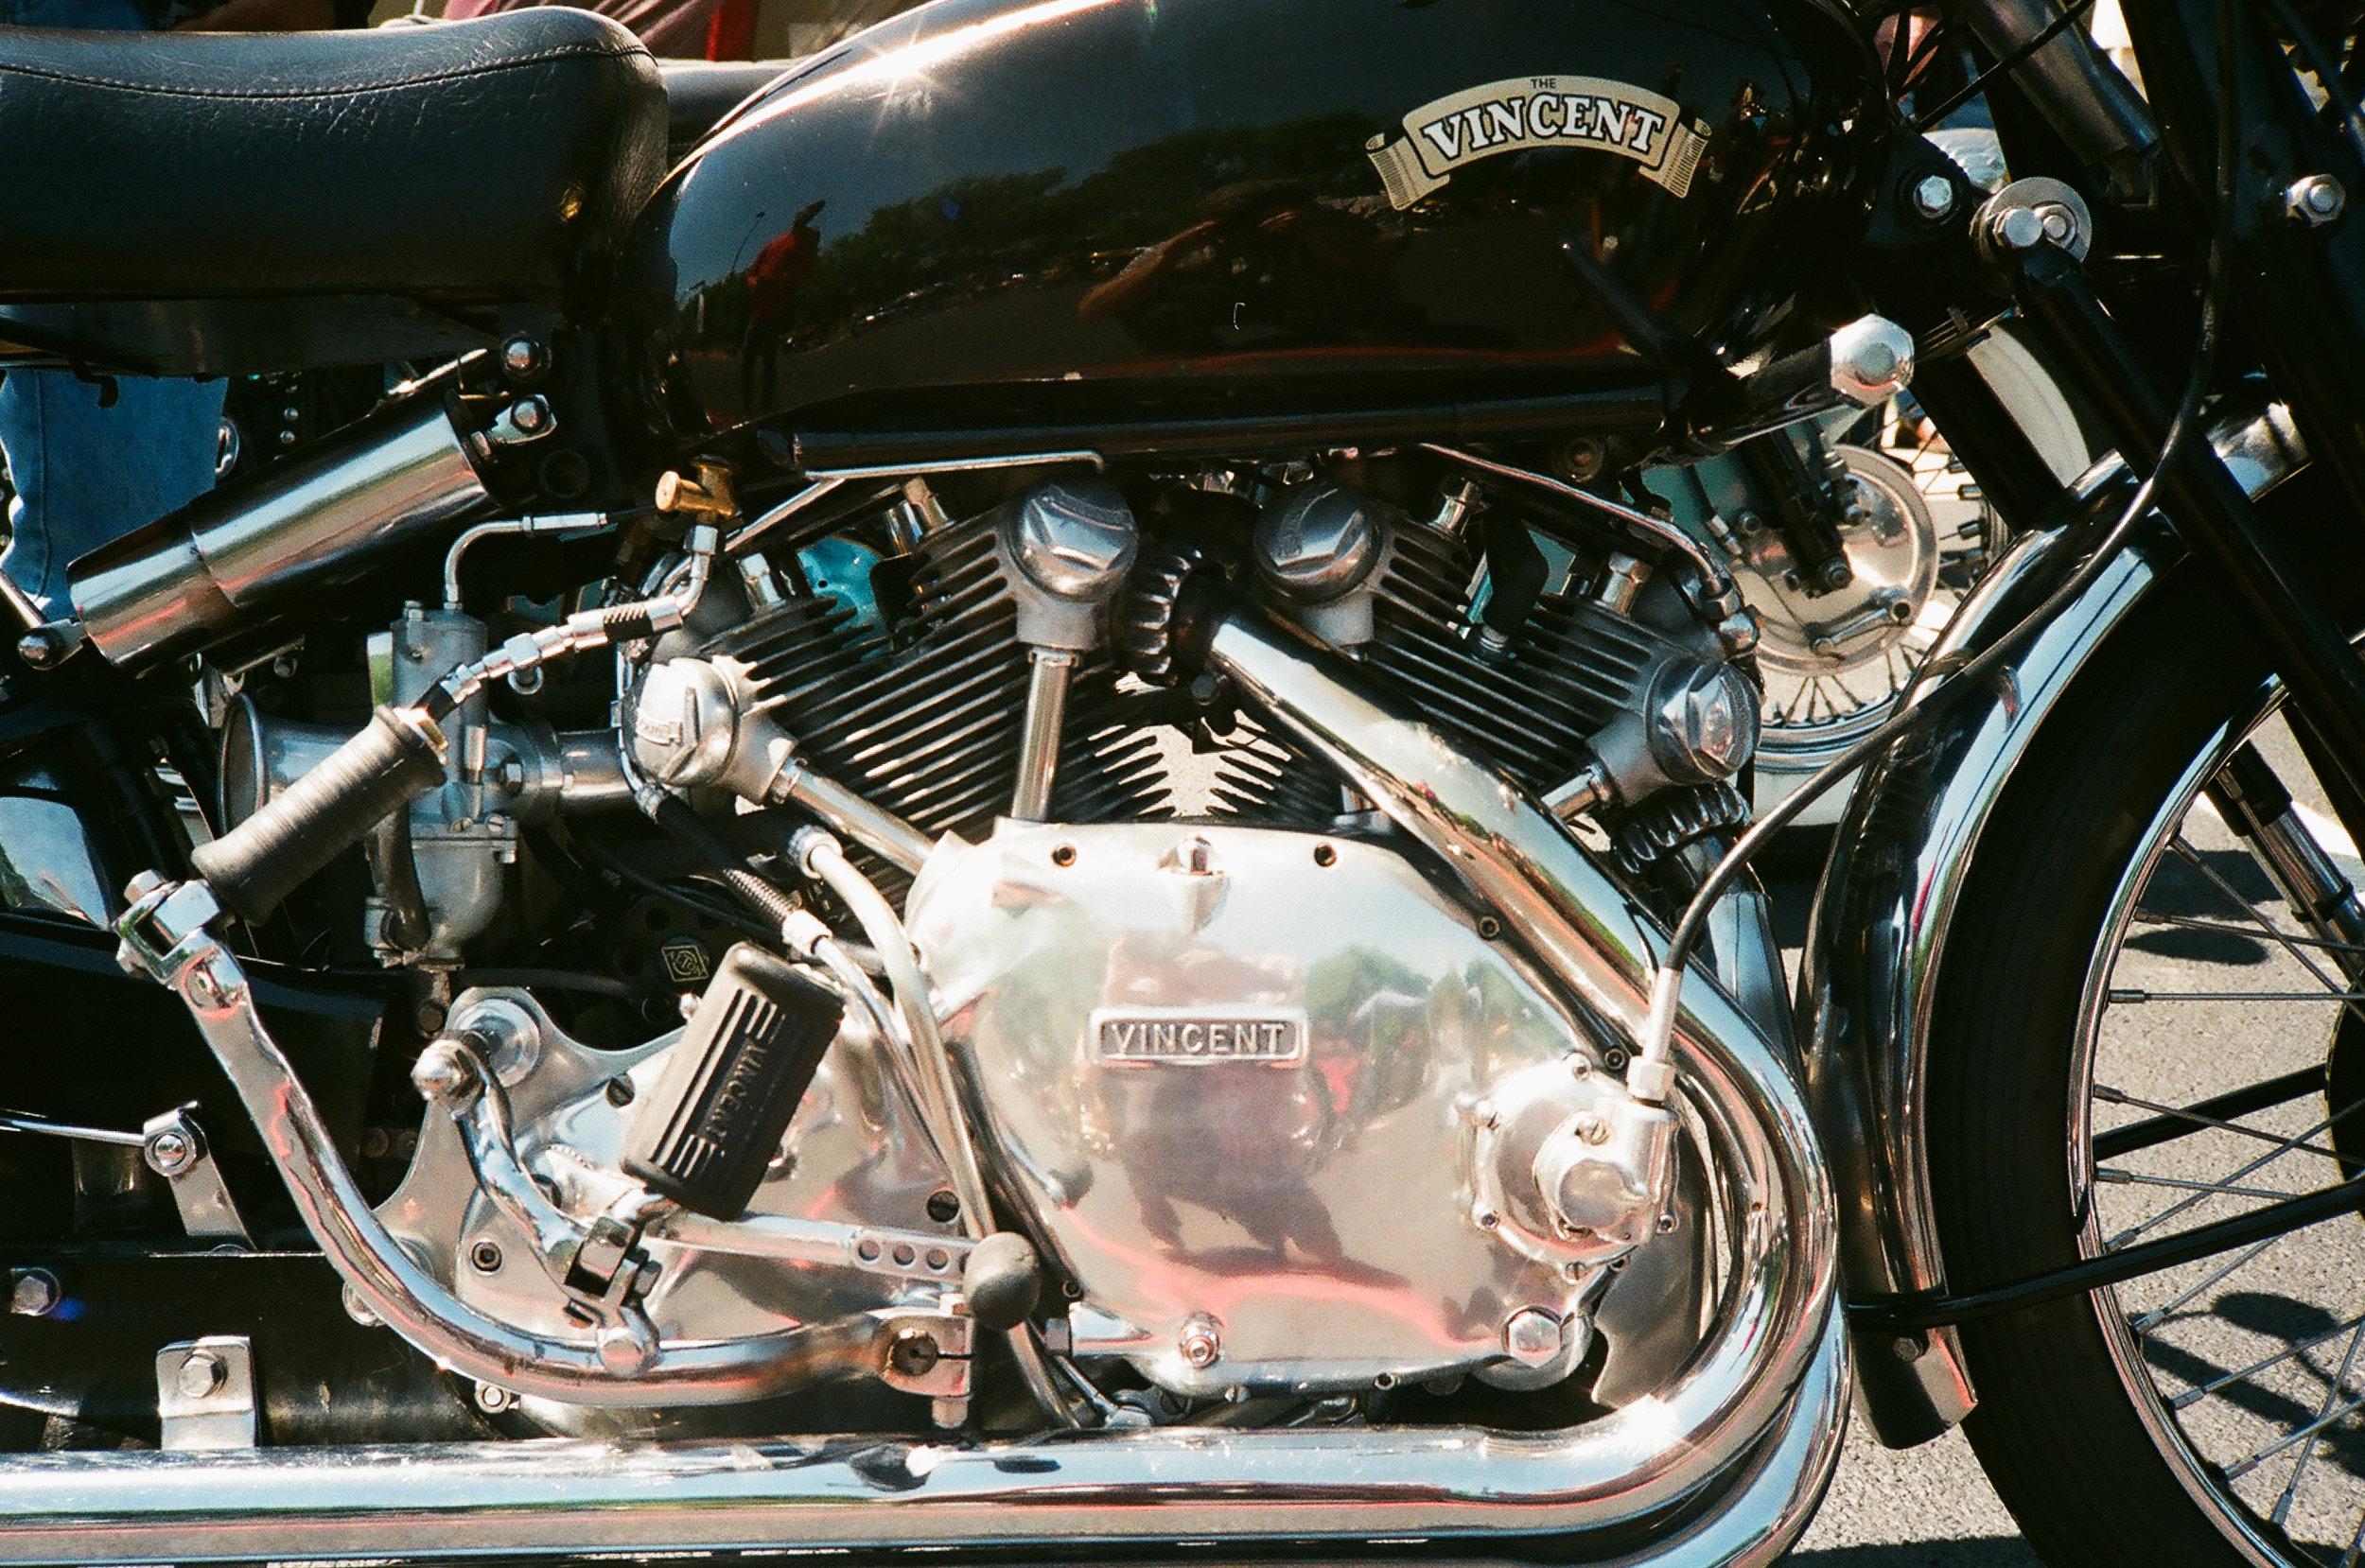 texas-motorcycle-revival-2017-58500022.jpg